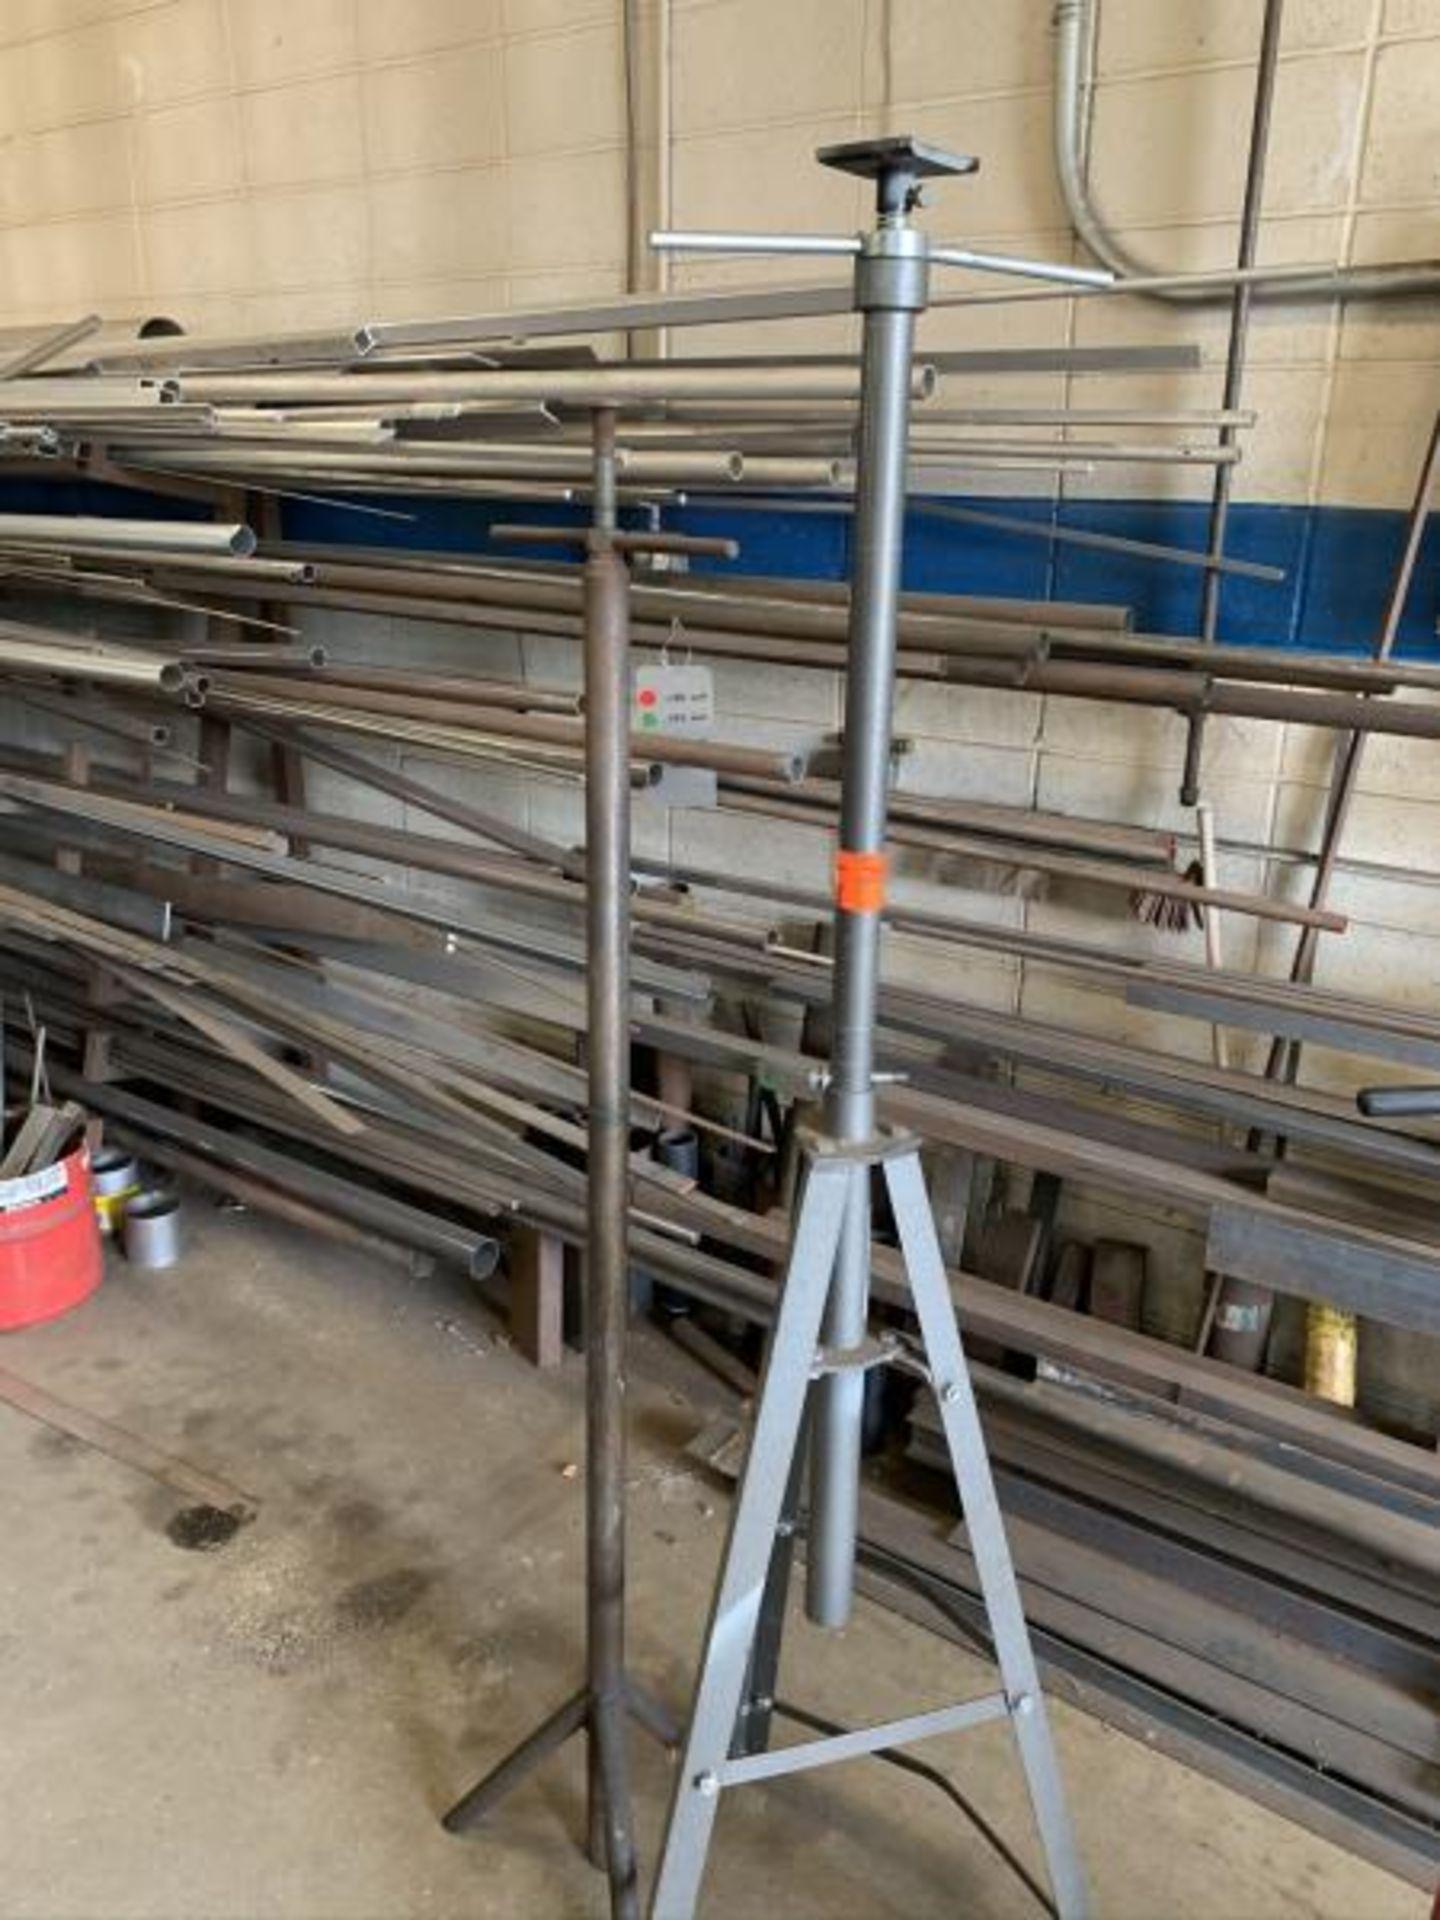 Lot 8 - (1) Pittsbursh 2 ton underhoist stand & 1 misc underhoist stand